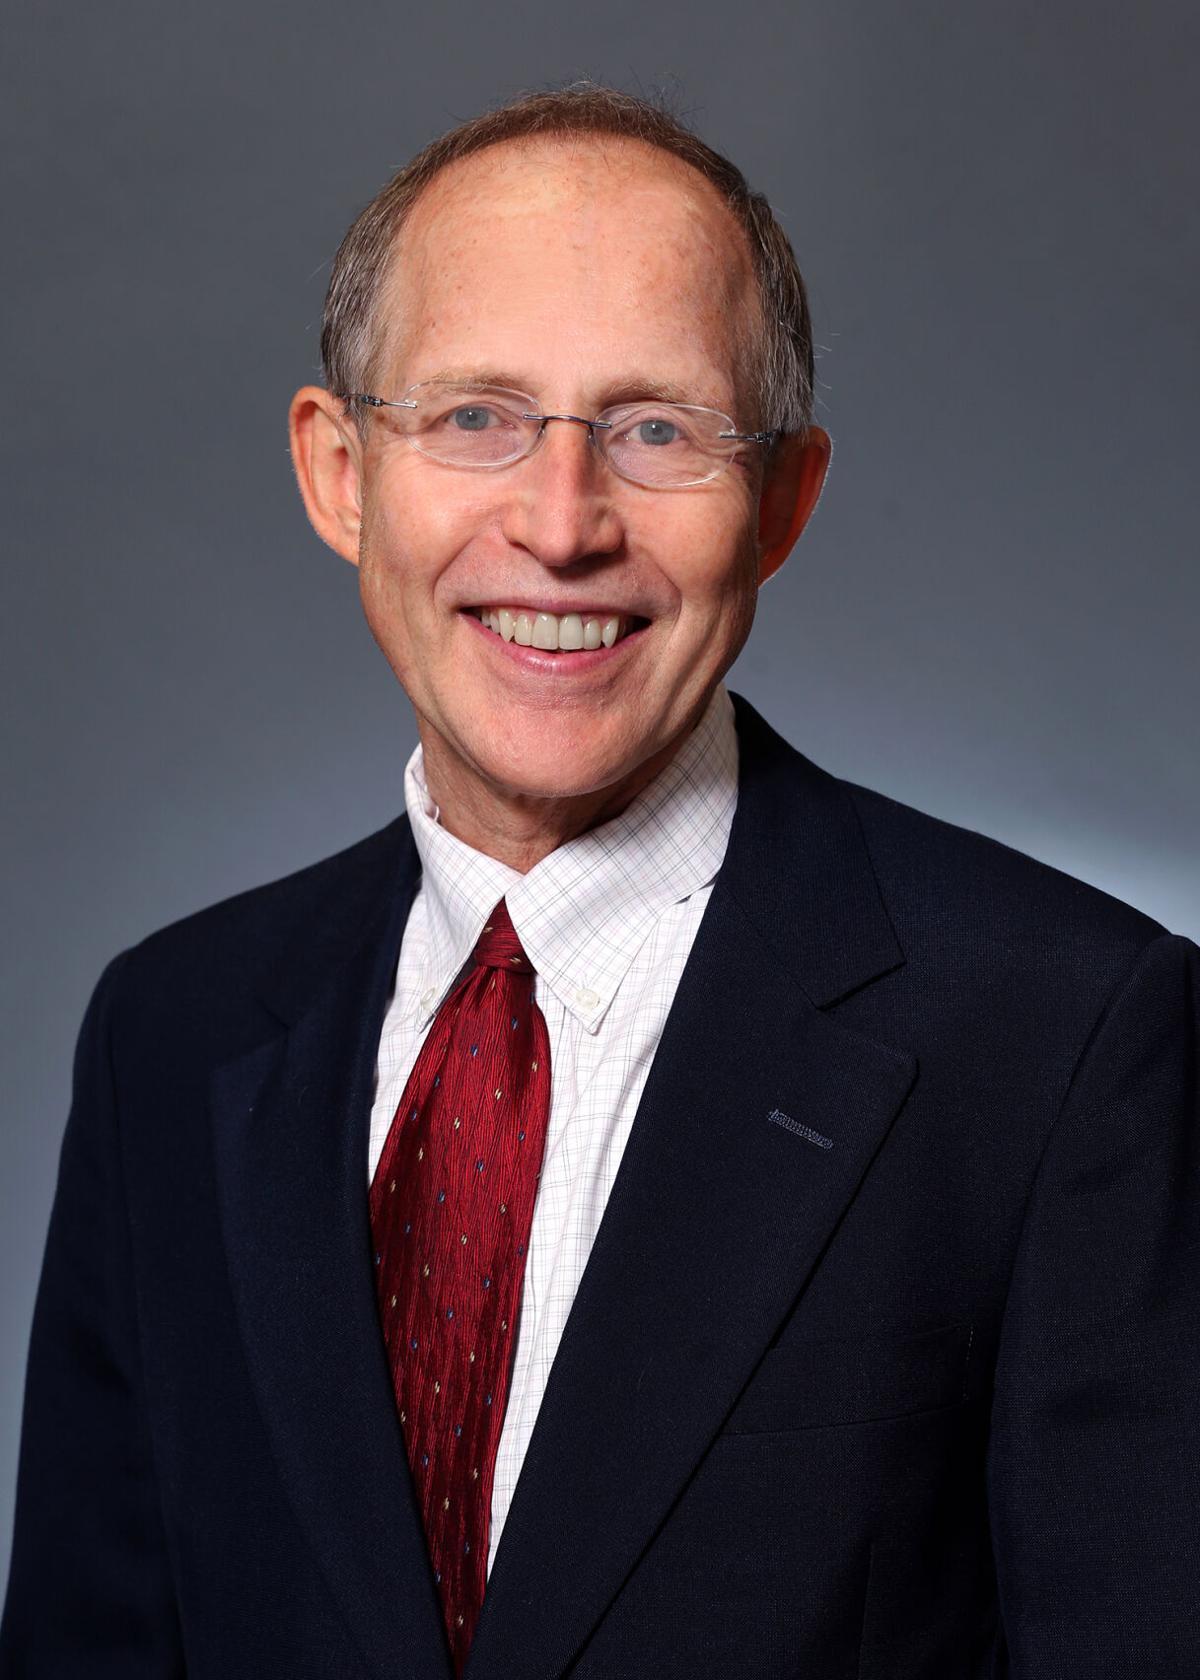 Jim DeLanis